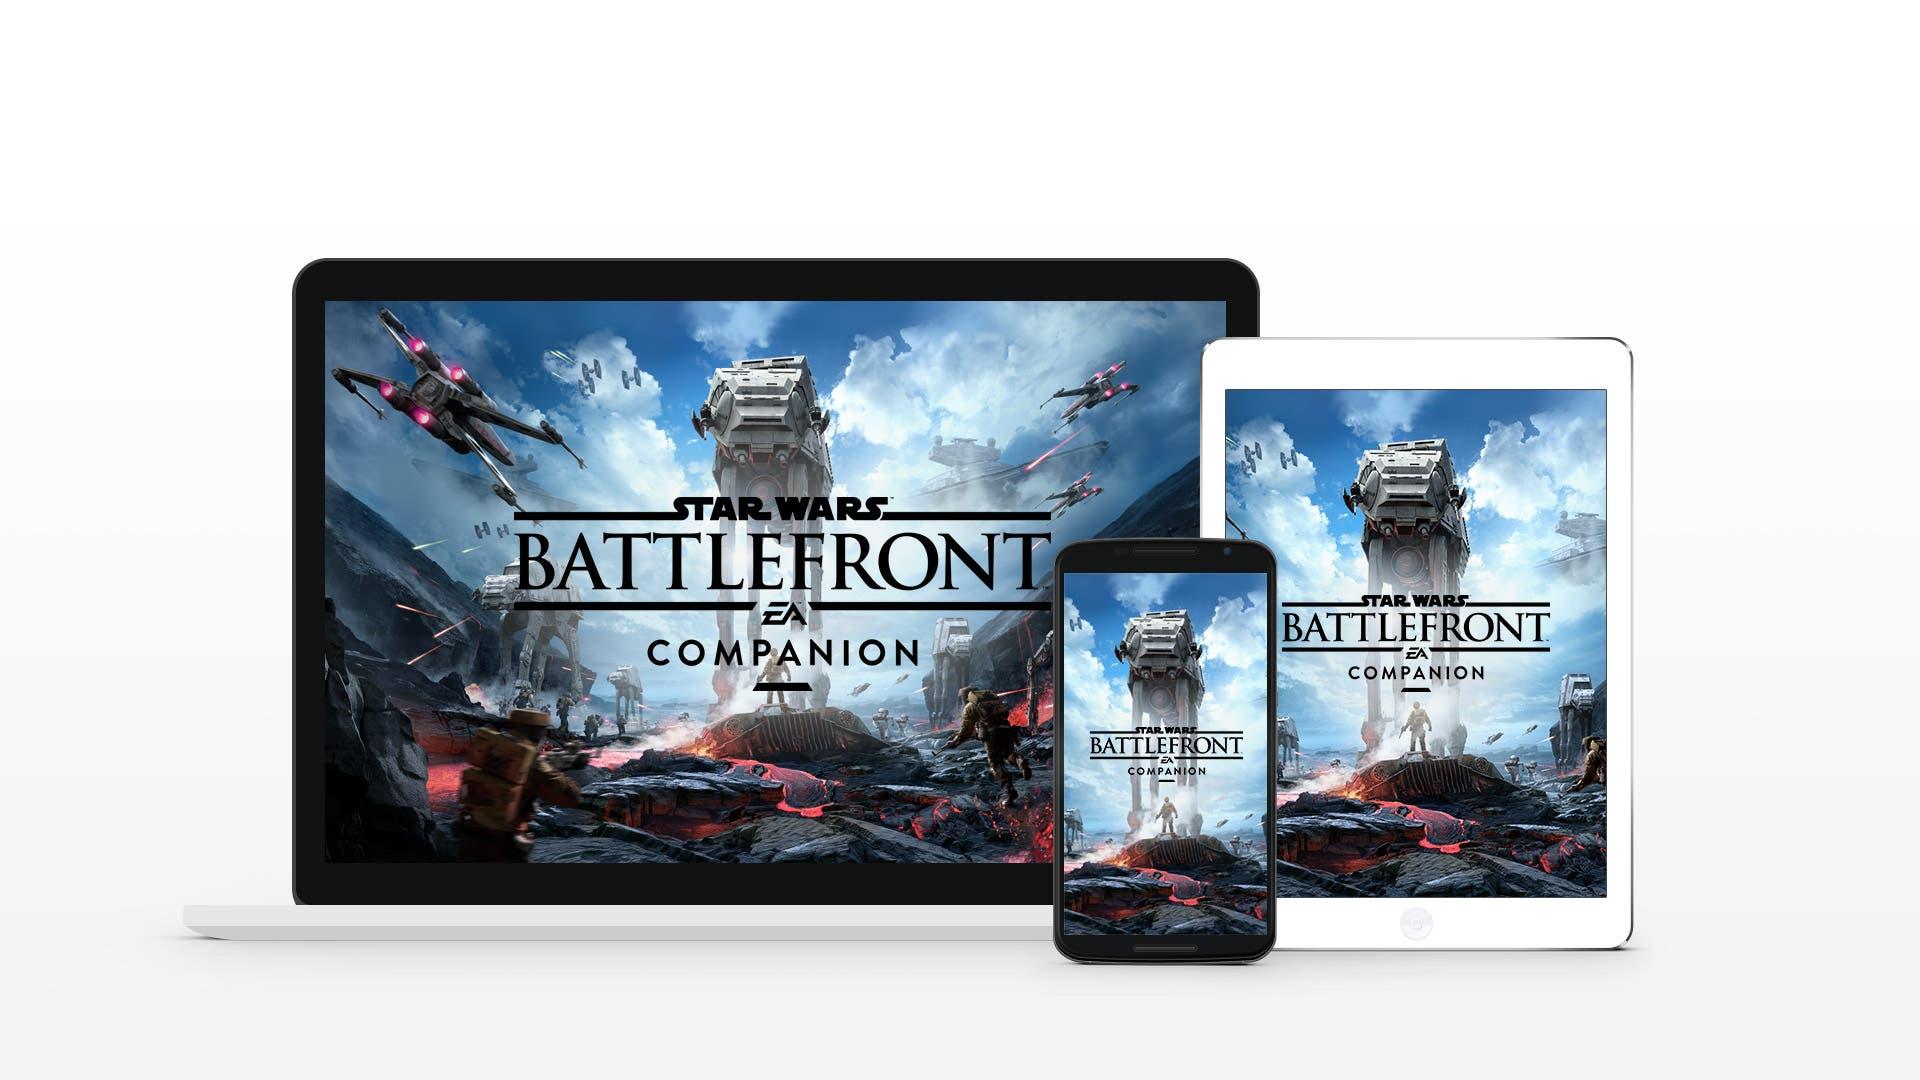 Star Wars Battlefront contará con una aplicación gratuita para dispositivos móviles 1